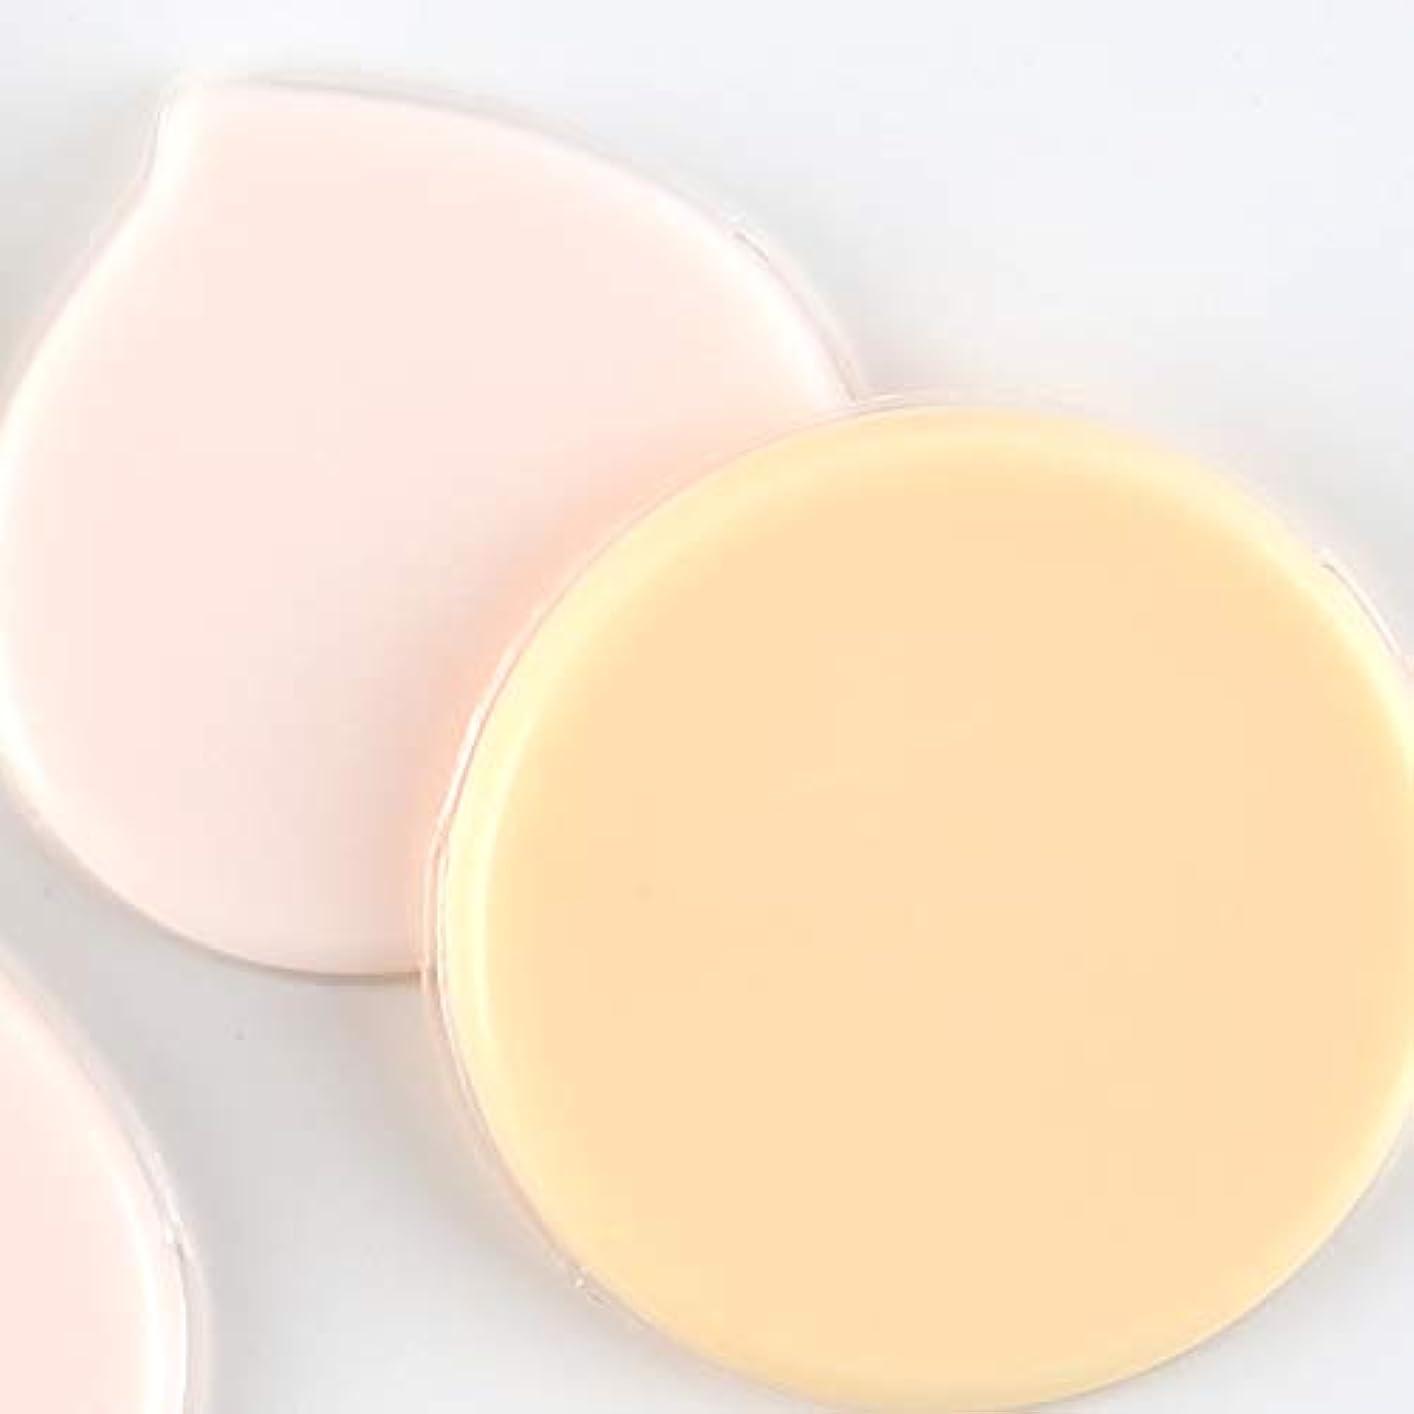 革命飽和する前提マイクロセルパフ Jelly farm+ ムラ付かない均等な仕上がりの経済的で衛生的な新感覚パフ (オレンジ)